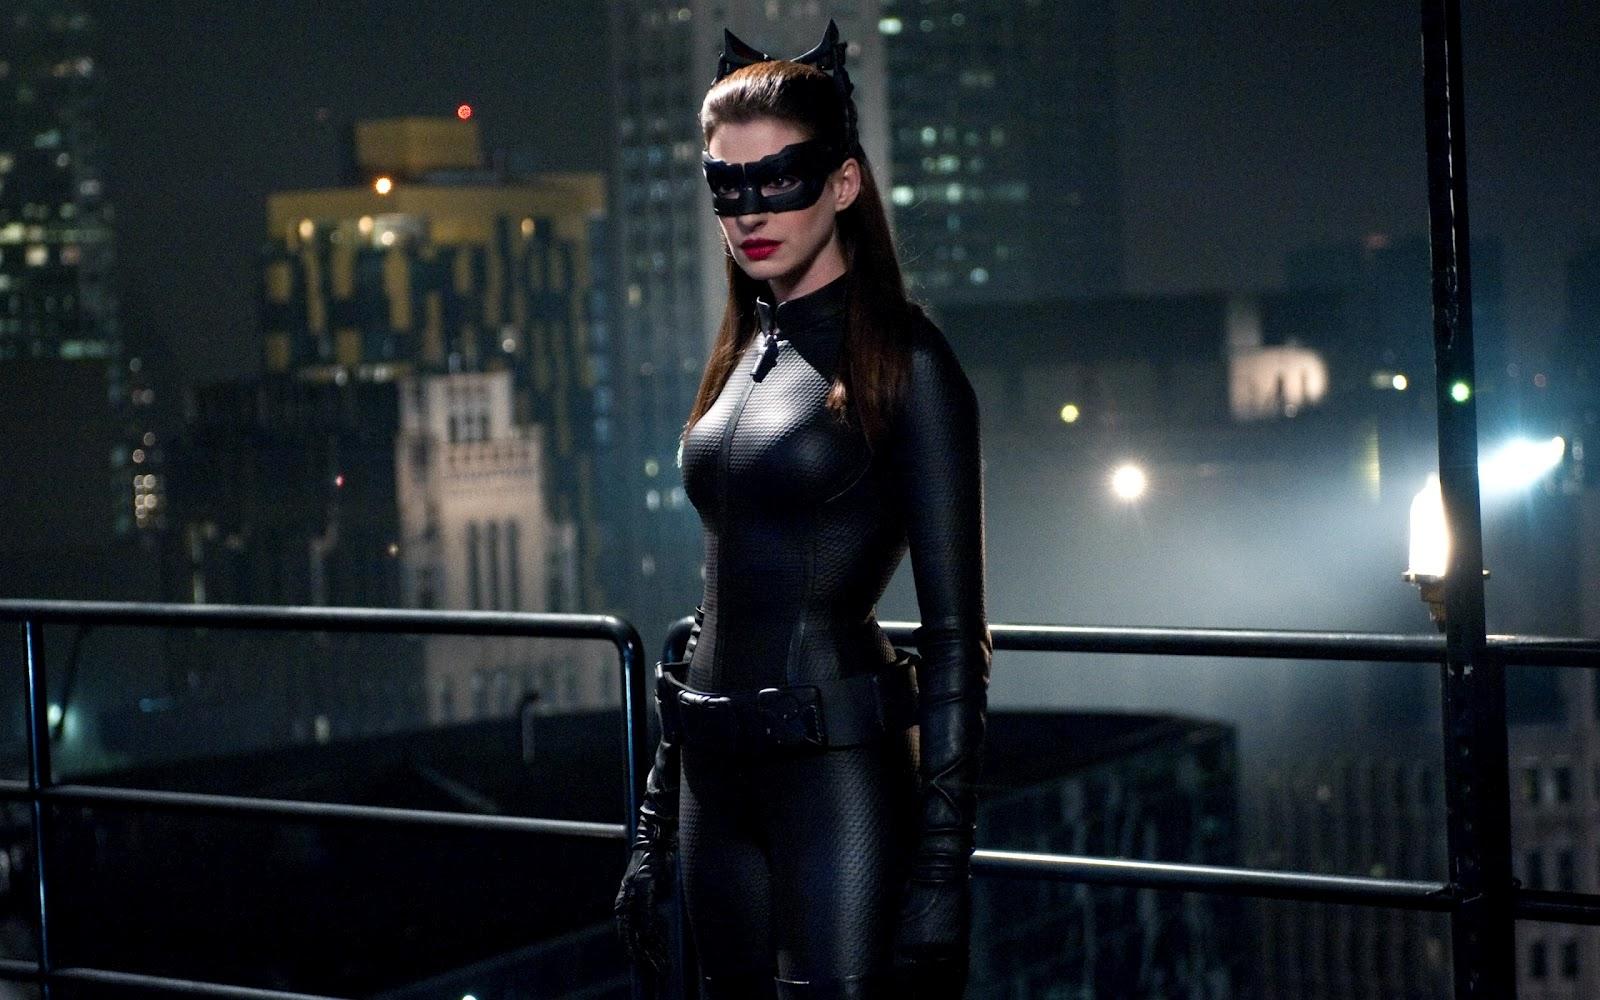 http://4.bp.blogspot.com/-dU1xHe24RyA/UArRouLjB7I/AAAAAAAAC-I/CzIFSQA78HM/s1600/Catwoman_Leather_Costume_Anne_Hathaway_HD_Wallpaper-Vvallpaper.Net.jpg